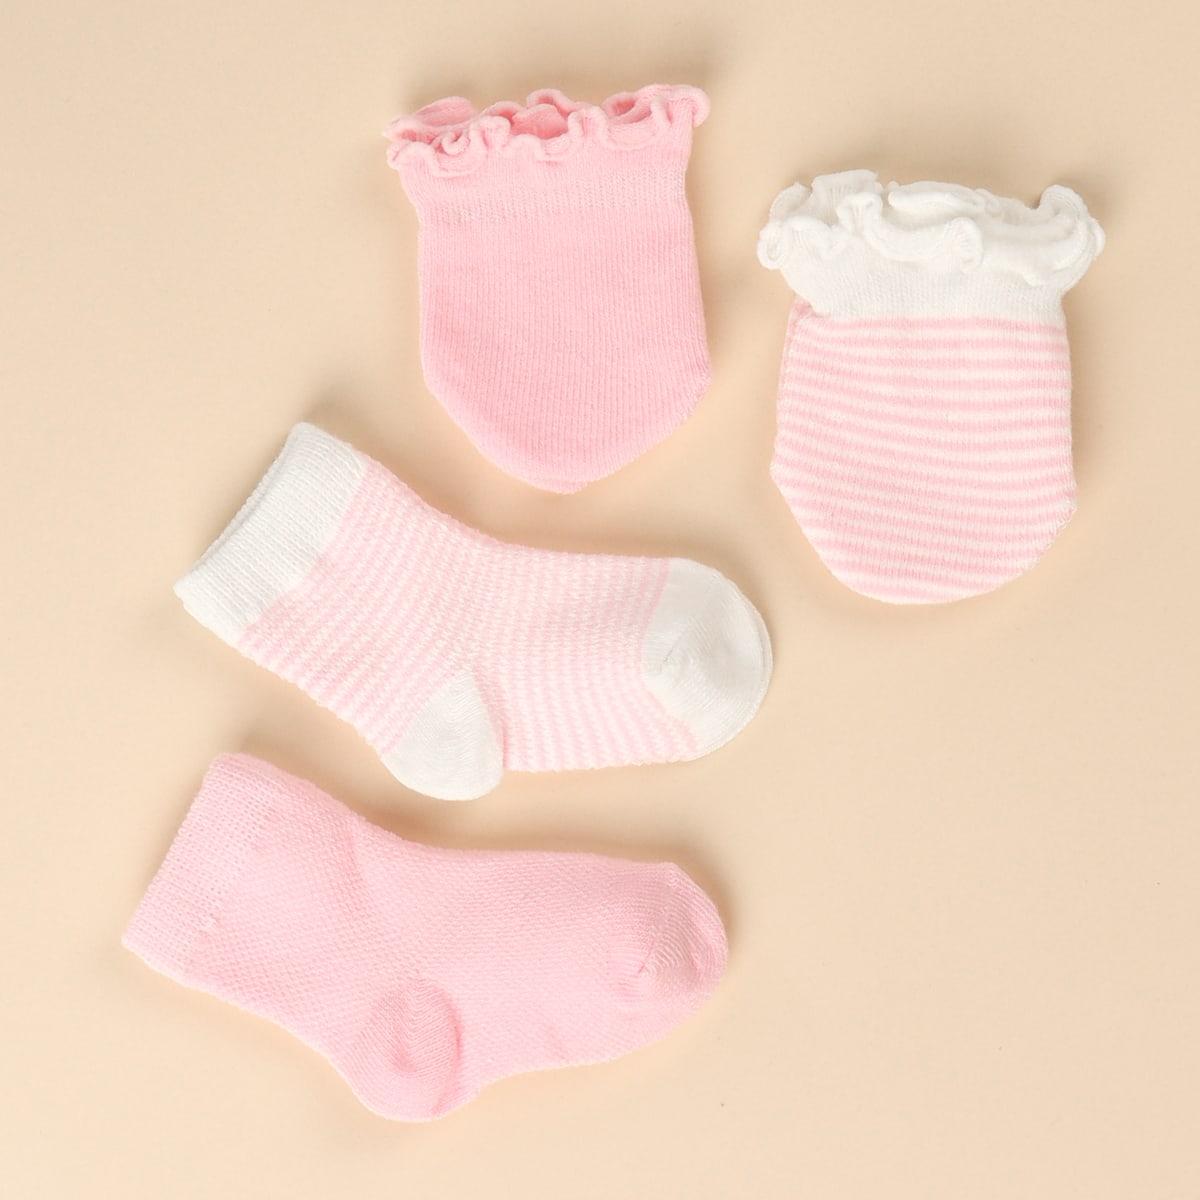 4 paire Bébé Set de gants de chaussettes souples anti-rayures